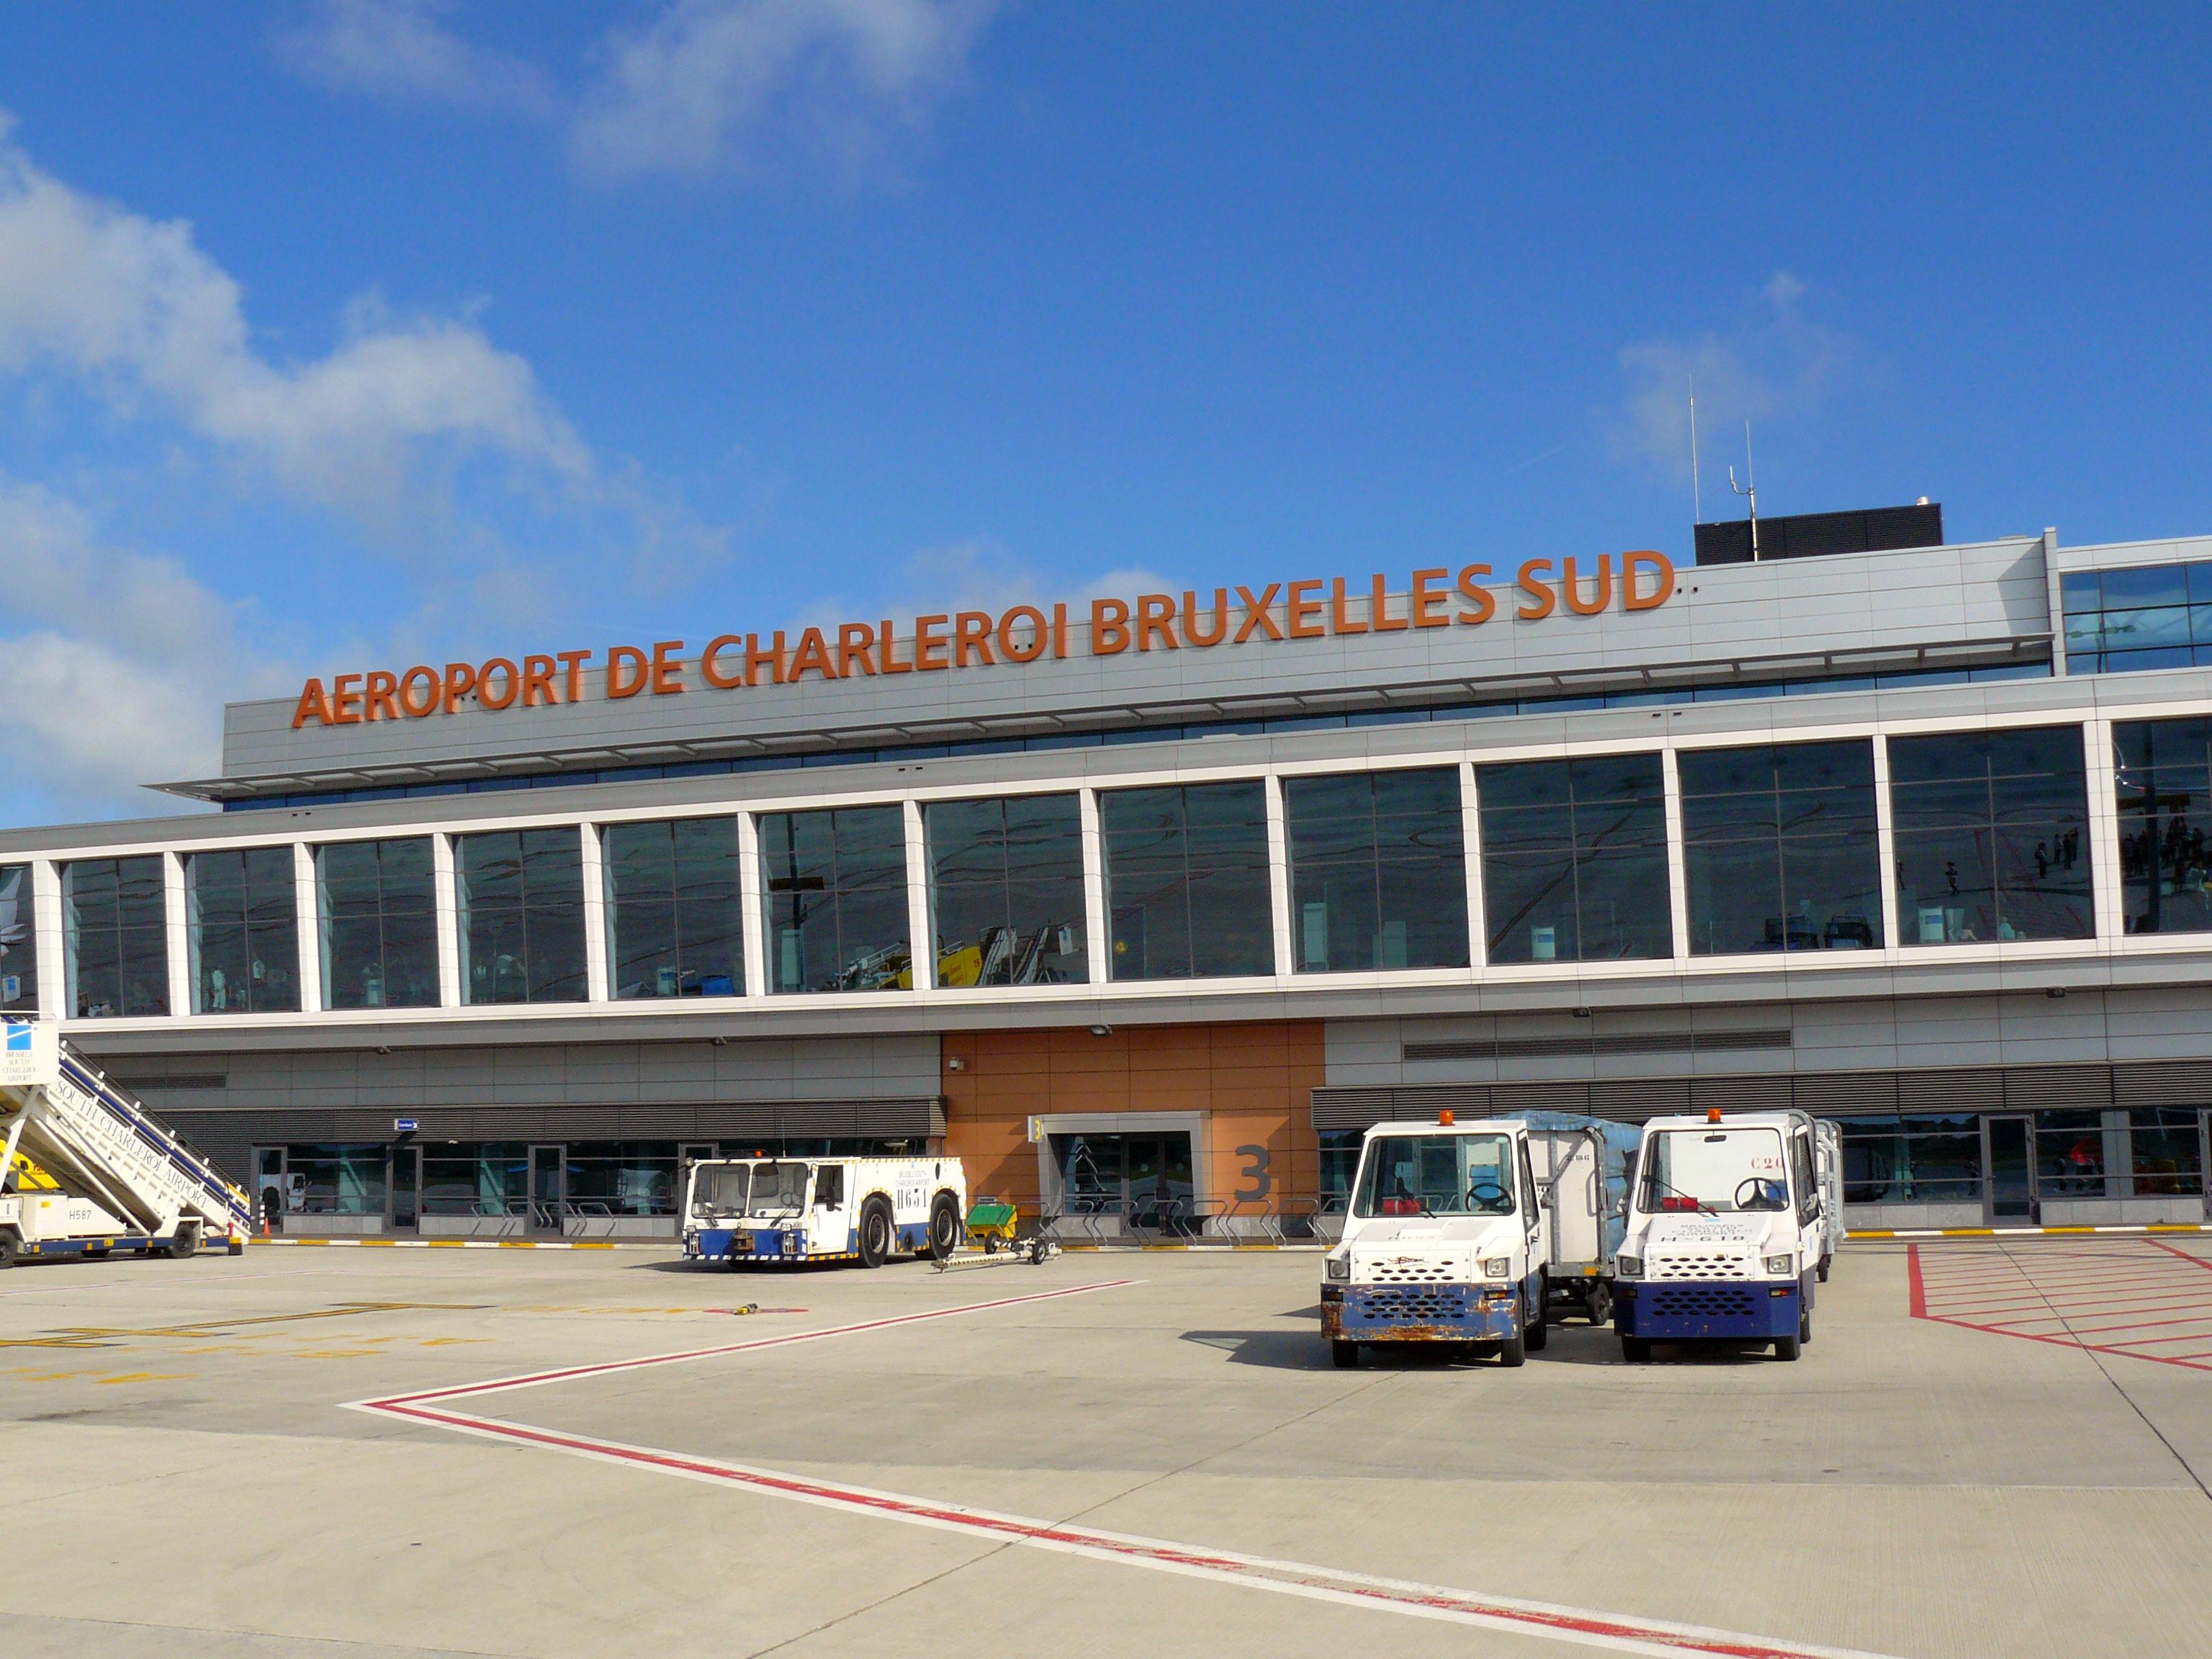 Charleroi-lufthavnen i Bruxelles lukker onsdag for trafik på grund af en generalstrejke. Foto: Fernandopascullo